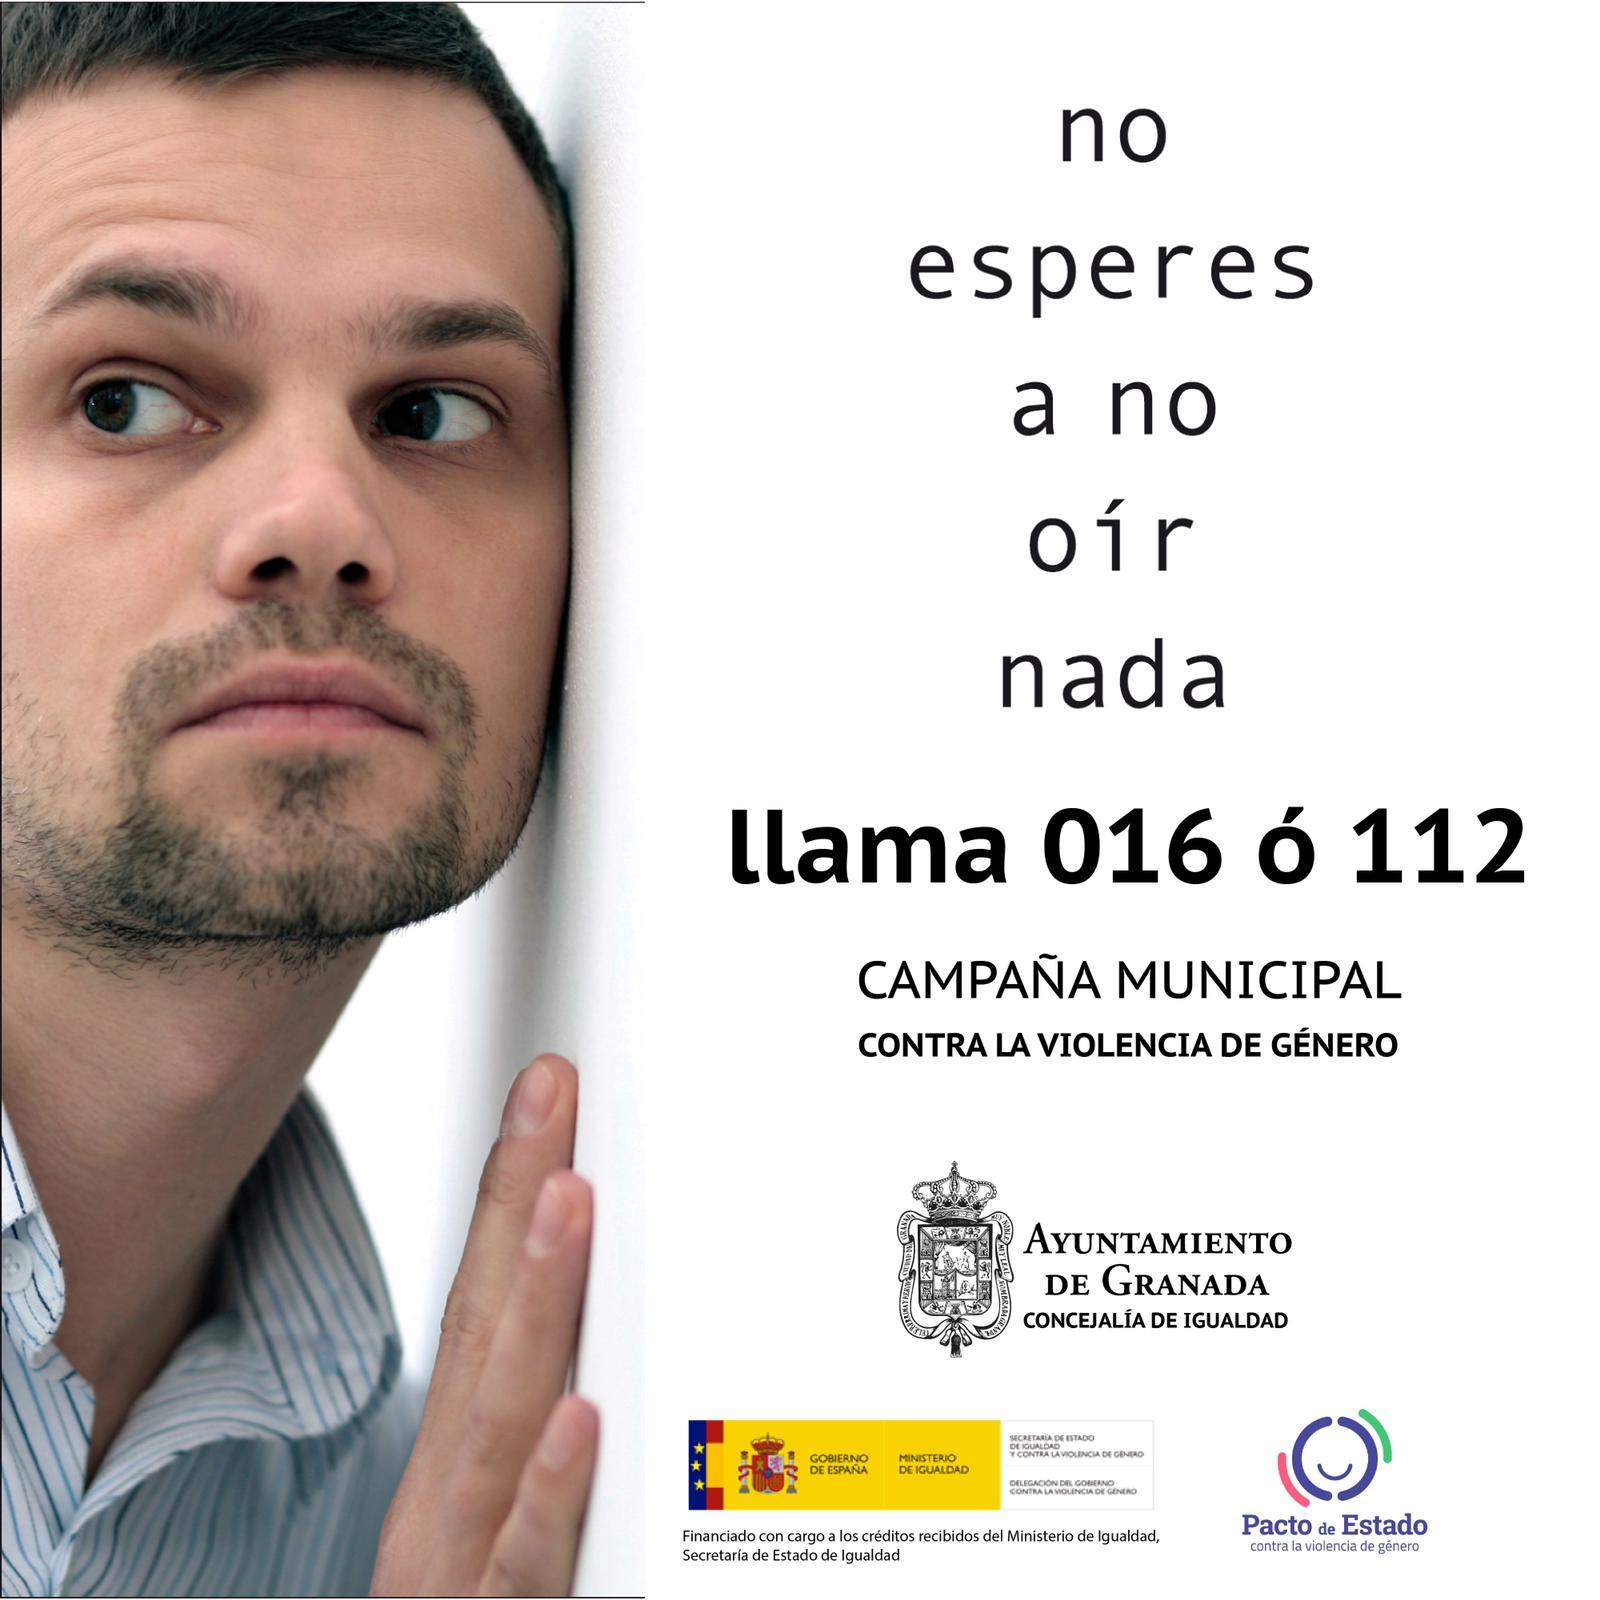 El Ayuntamiento inicia una campaña para involucrar a la sociedad en la lucha contra la violencia de género